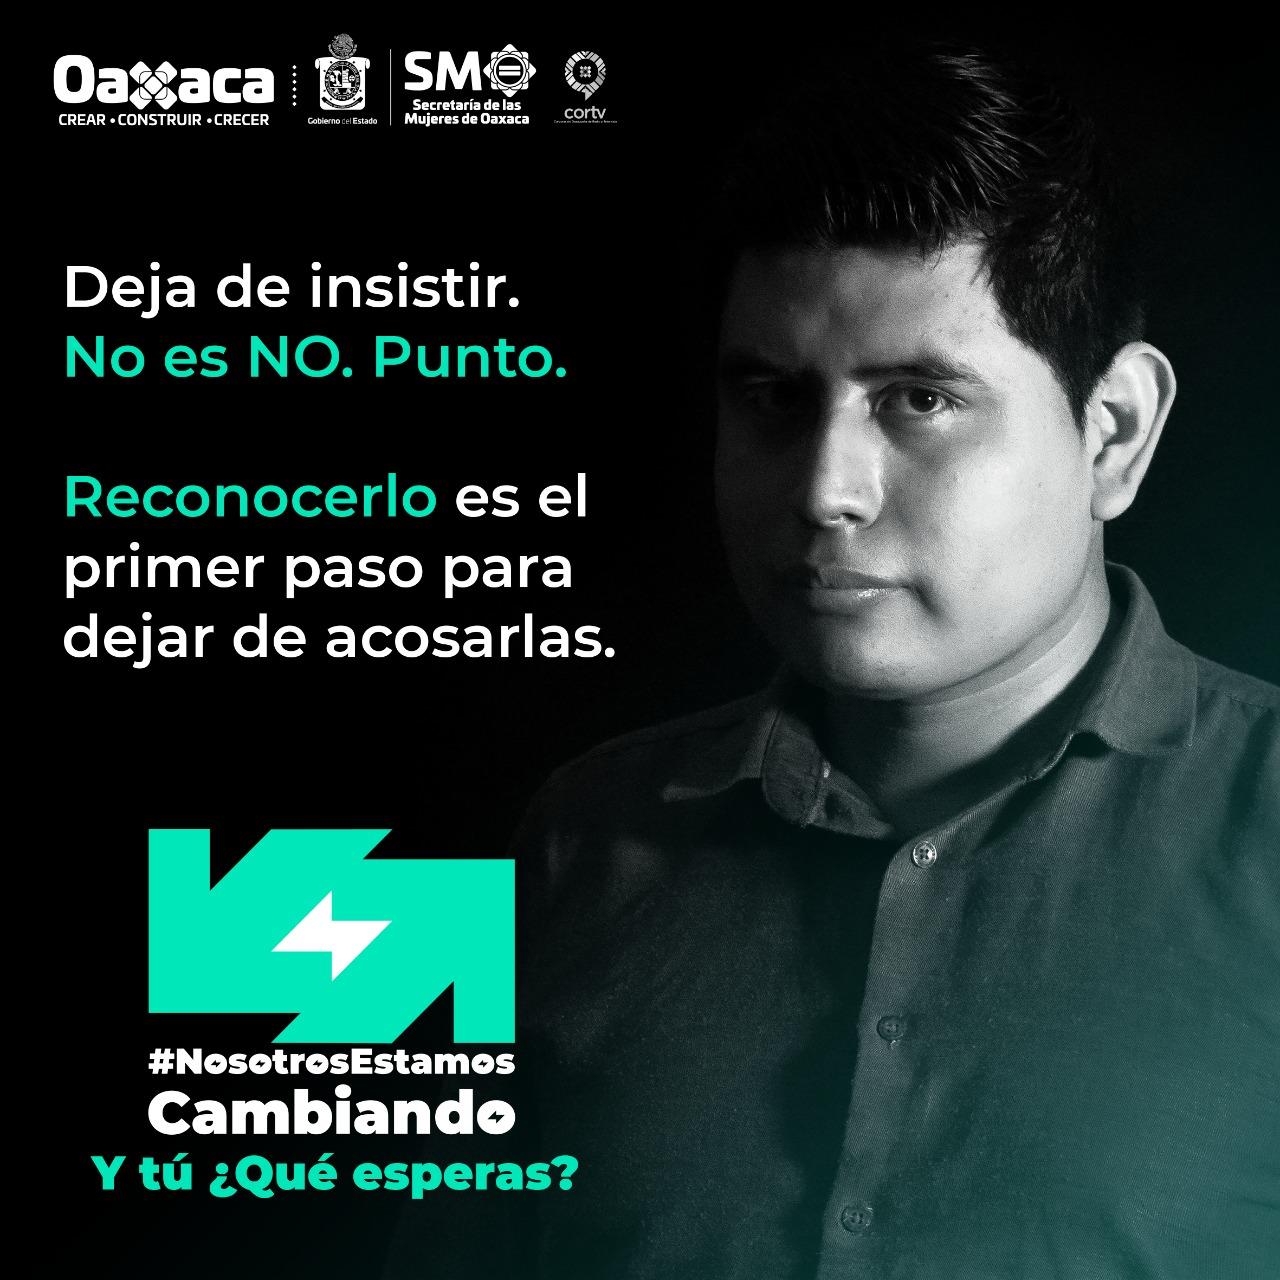 SMO- Campaña (6)